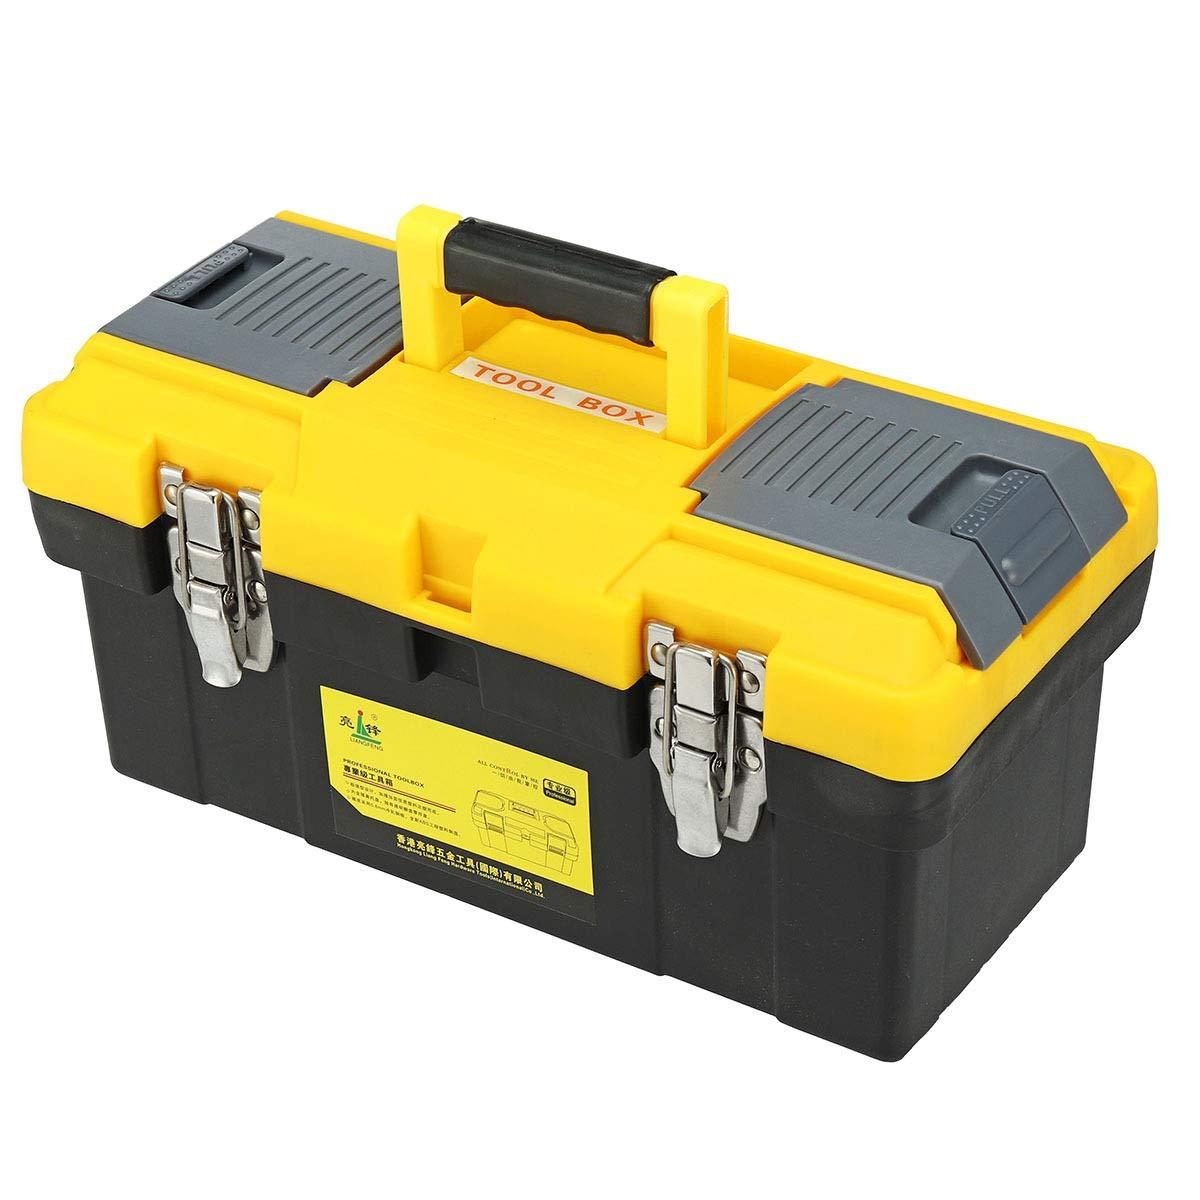 Caja de herramientas Caja de herramientas de plástico portátil Organizador de almacenamiento de cofre Manija Bandeja Compartimento Kits Caja de herramientas Caja de herramientas Contenedor de contened: Amazon.es: Hogar